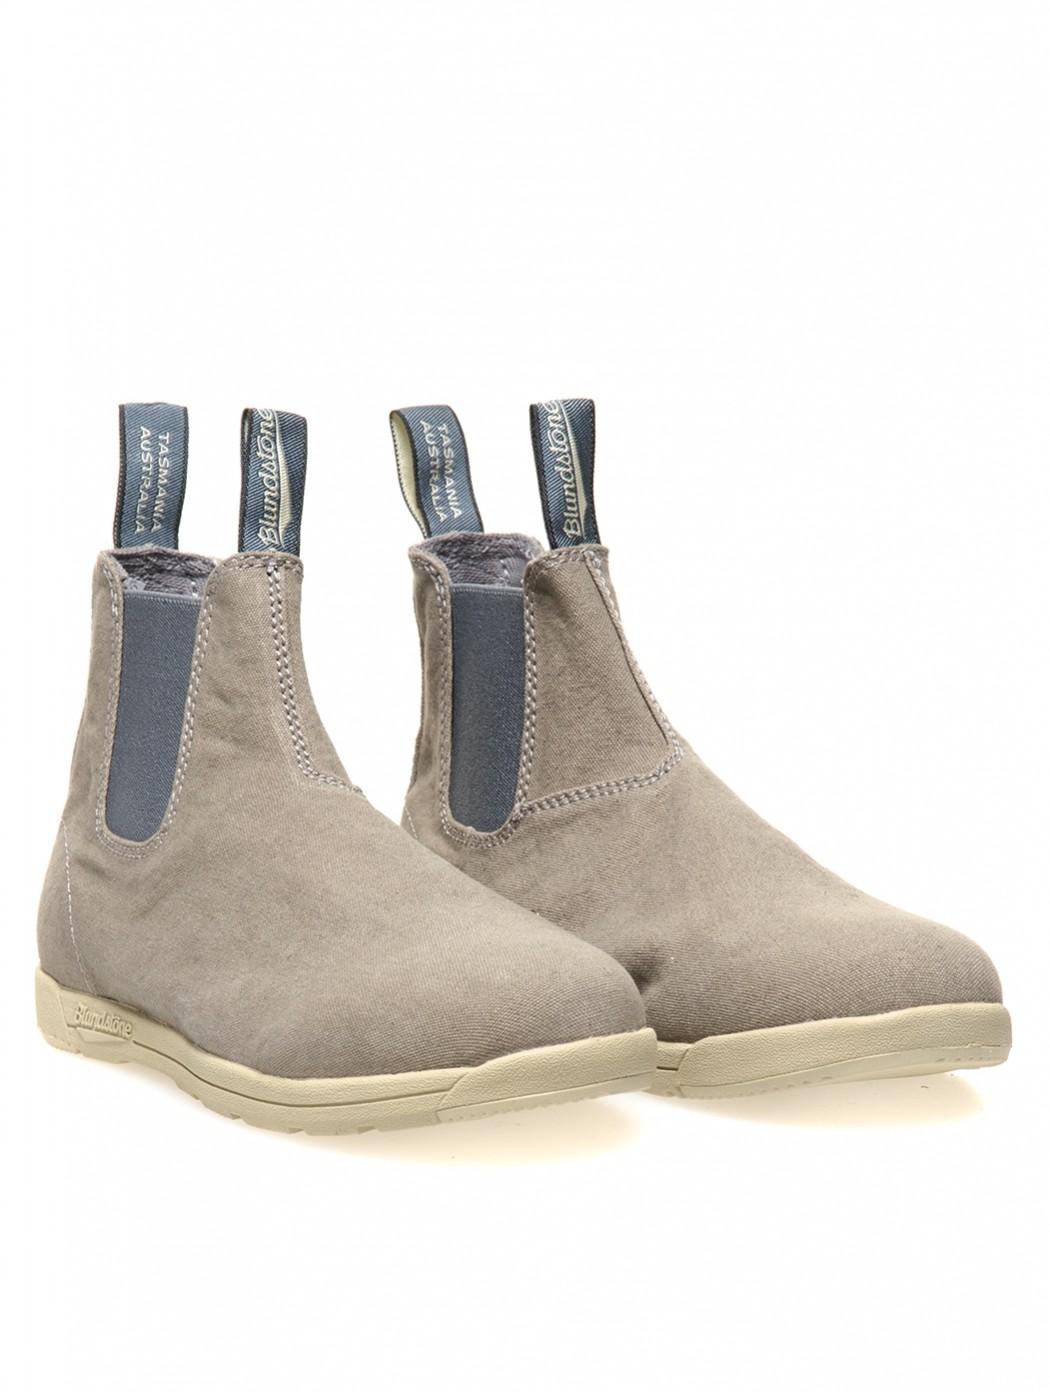 sale retailer b207d 0775c BLUNDSTONE BOOTS